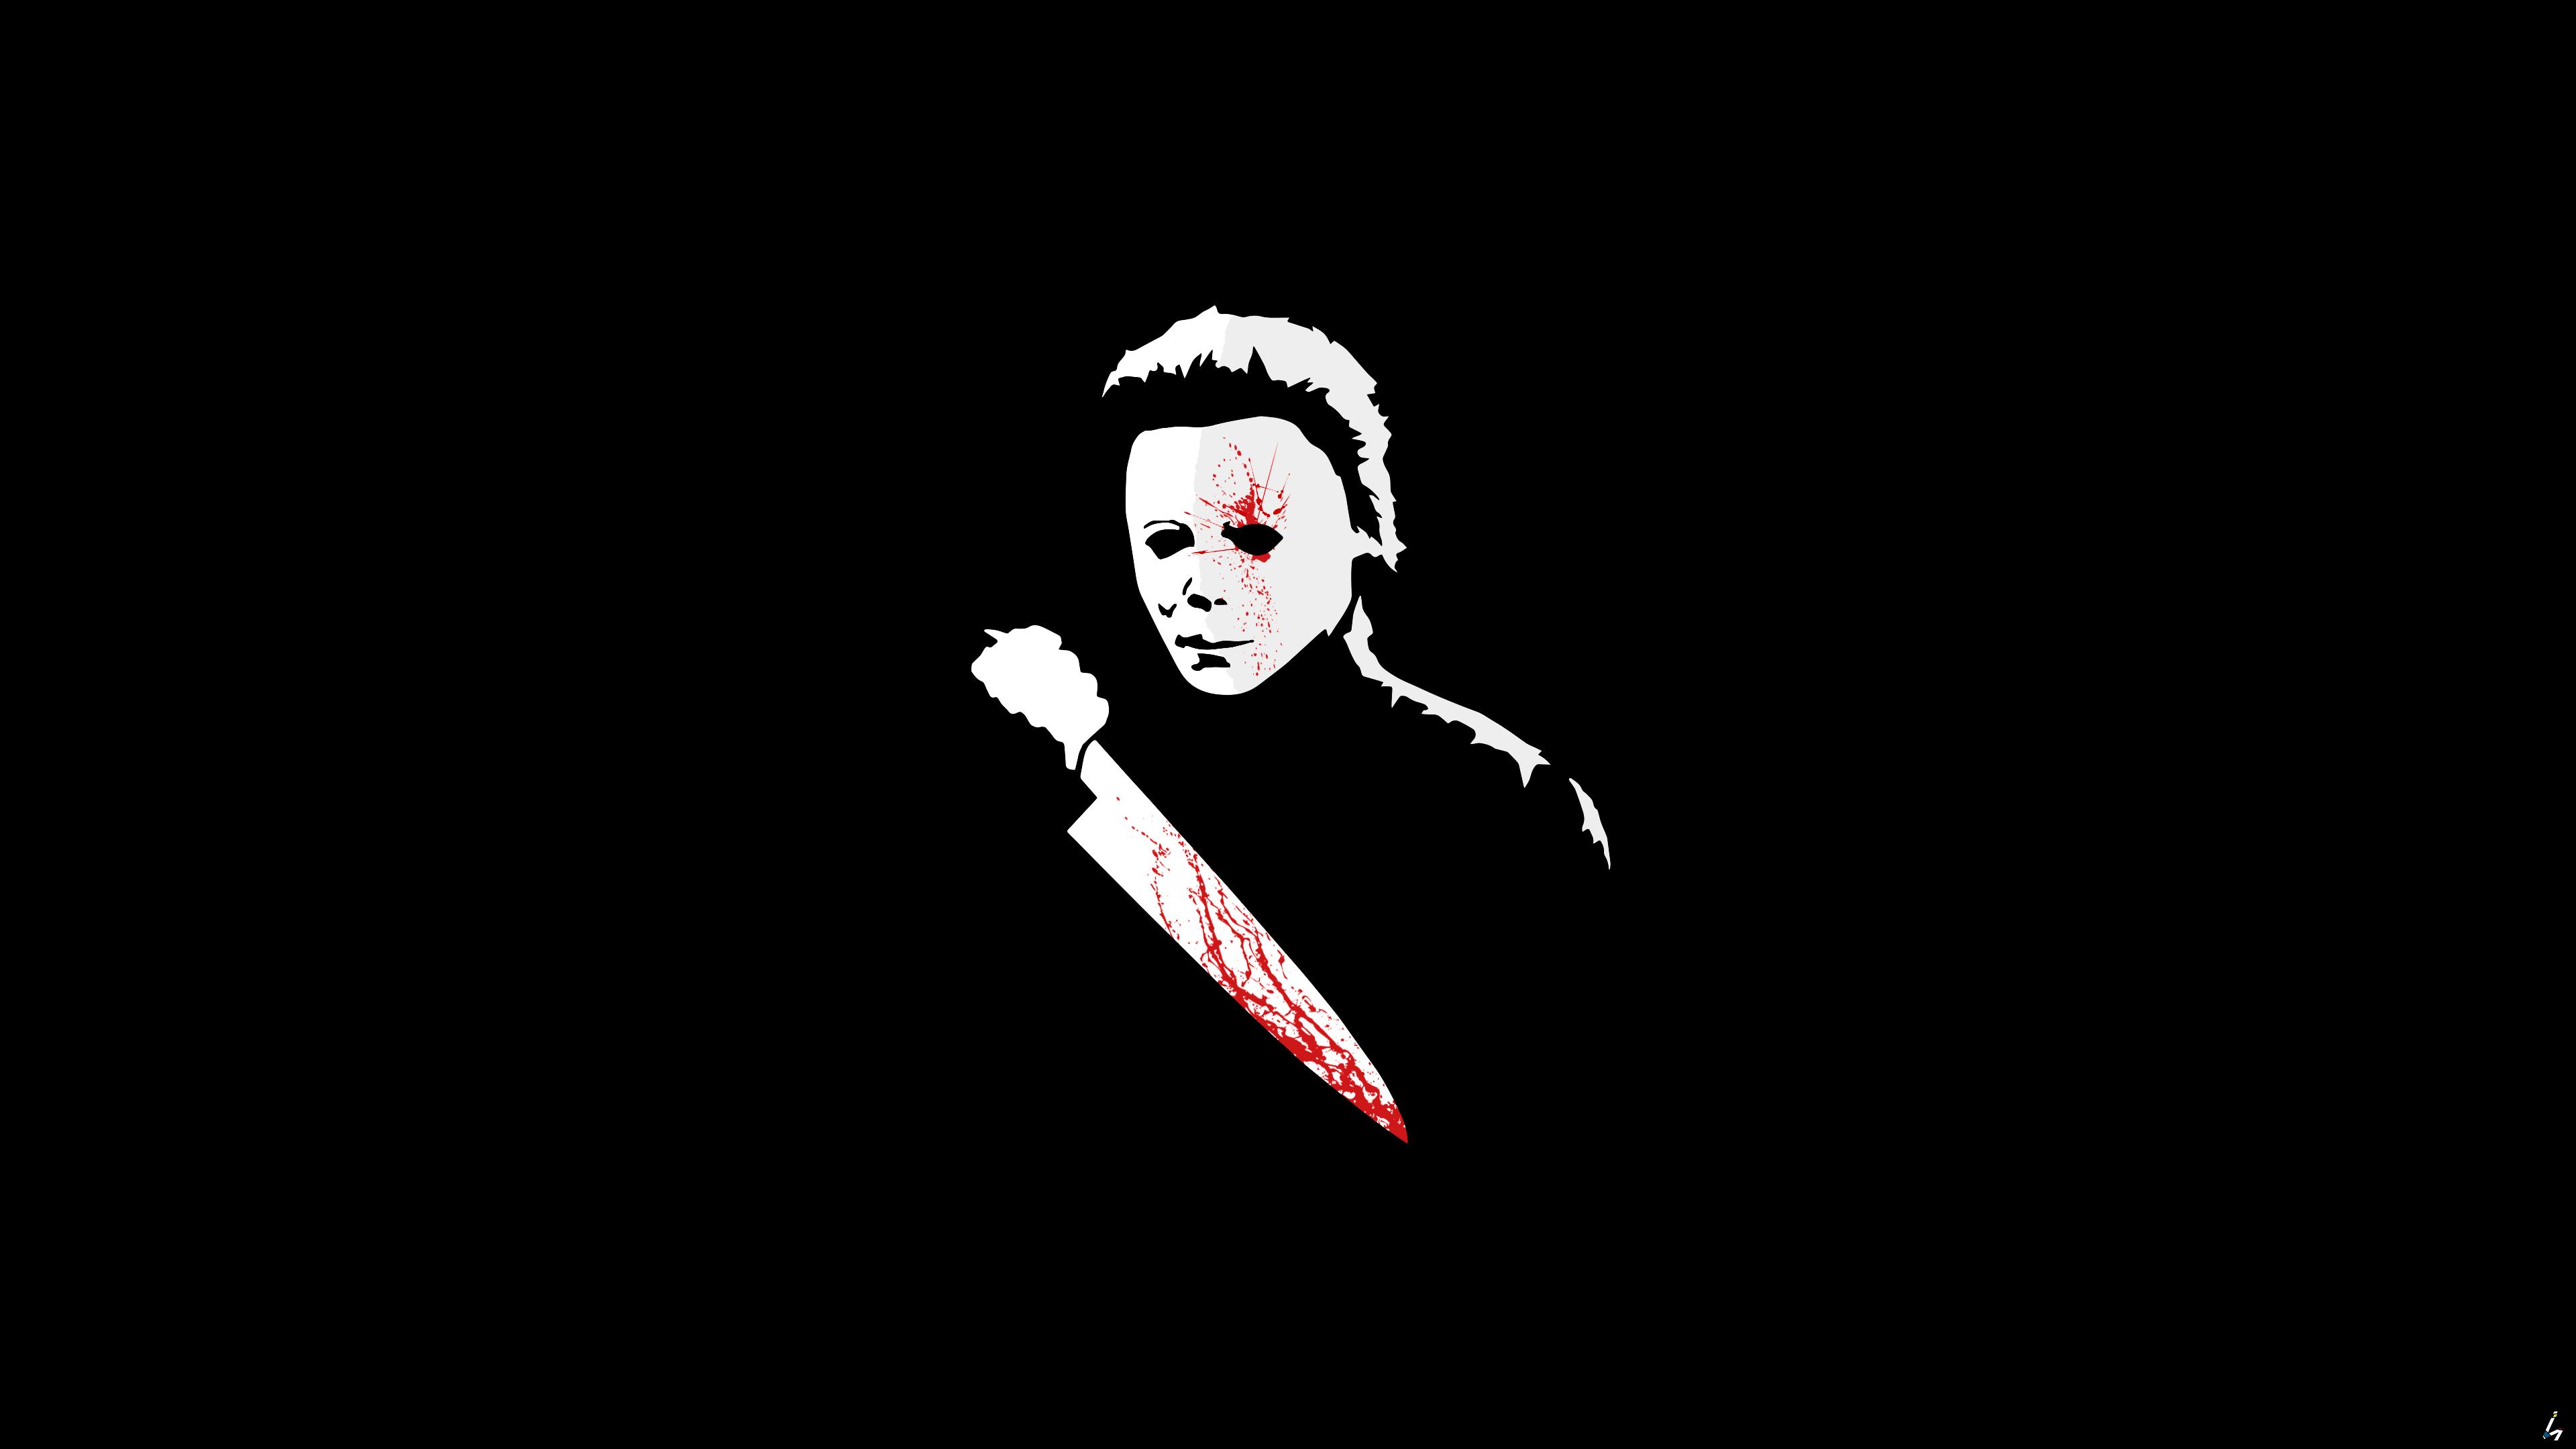 Wallpaper Michael Myers Halloween Horror Fan Art Digital Art